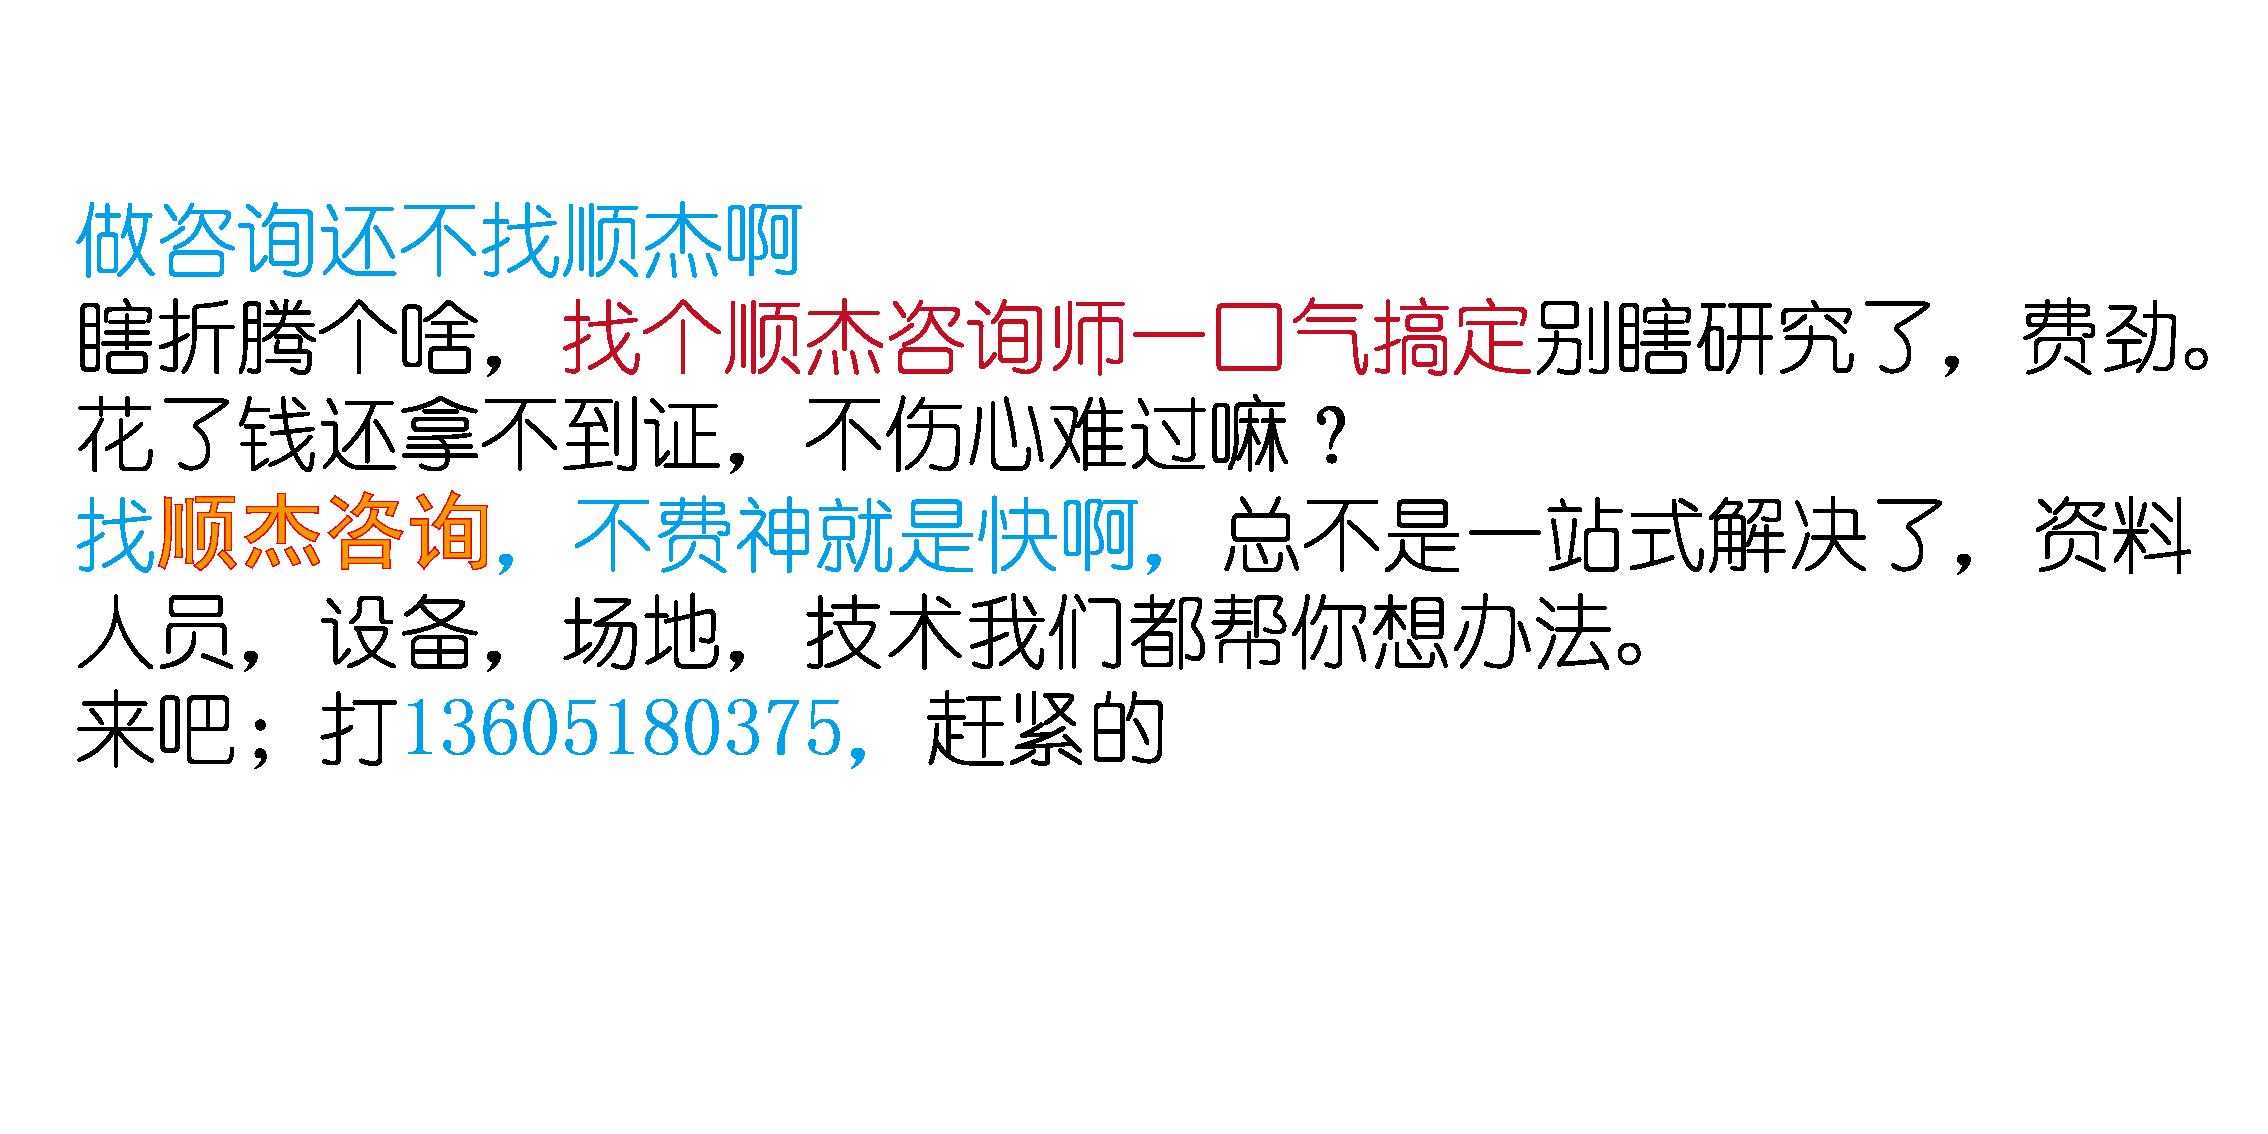 打電話-01-01